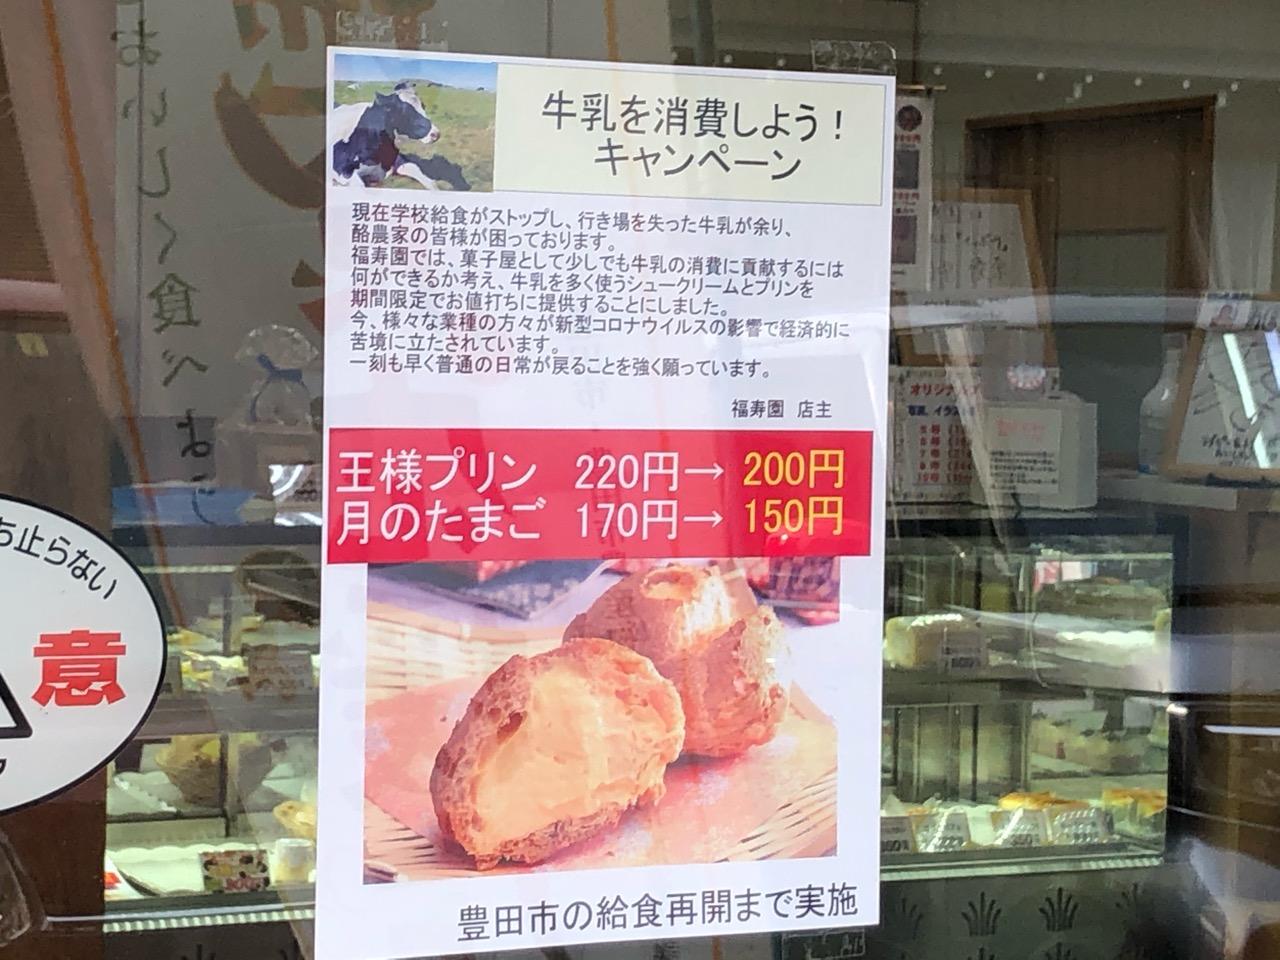 福寿園の牛乳消費キャンペーン